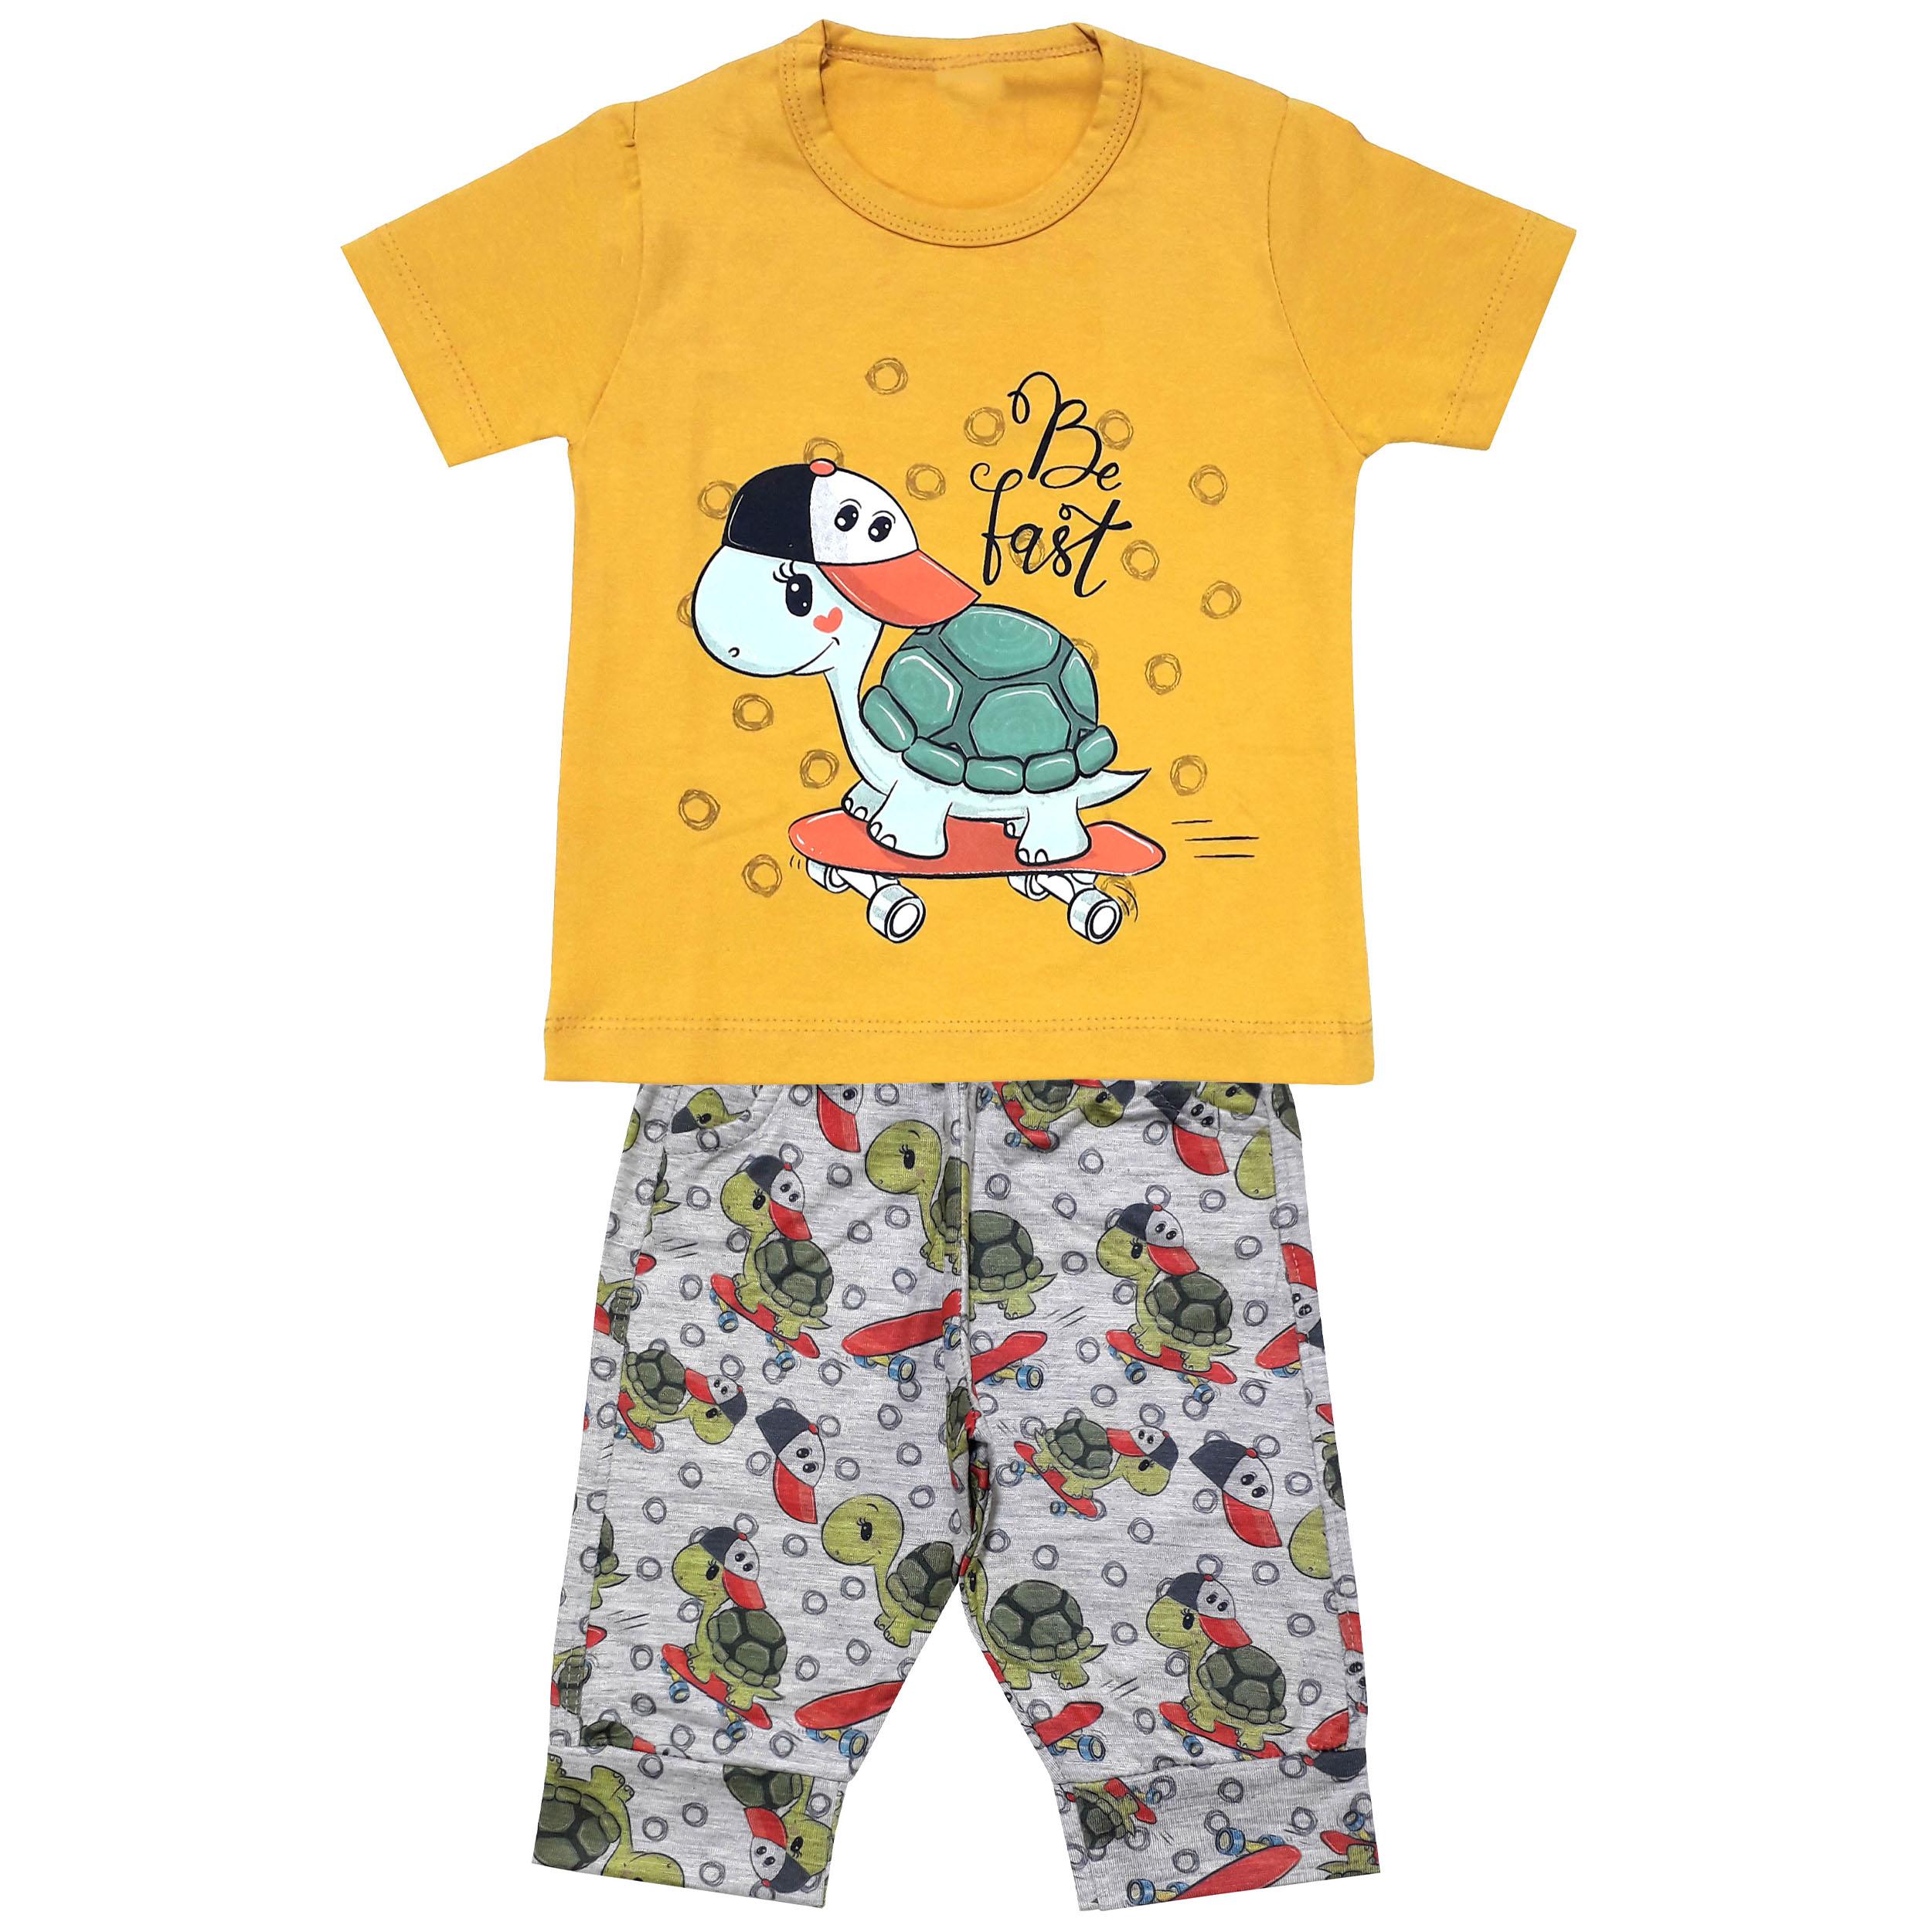 ست تی شرت و شلوارک پسرانه مدل لاک پشتکد 3301 رنگ خردلی